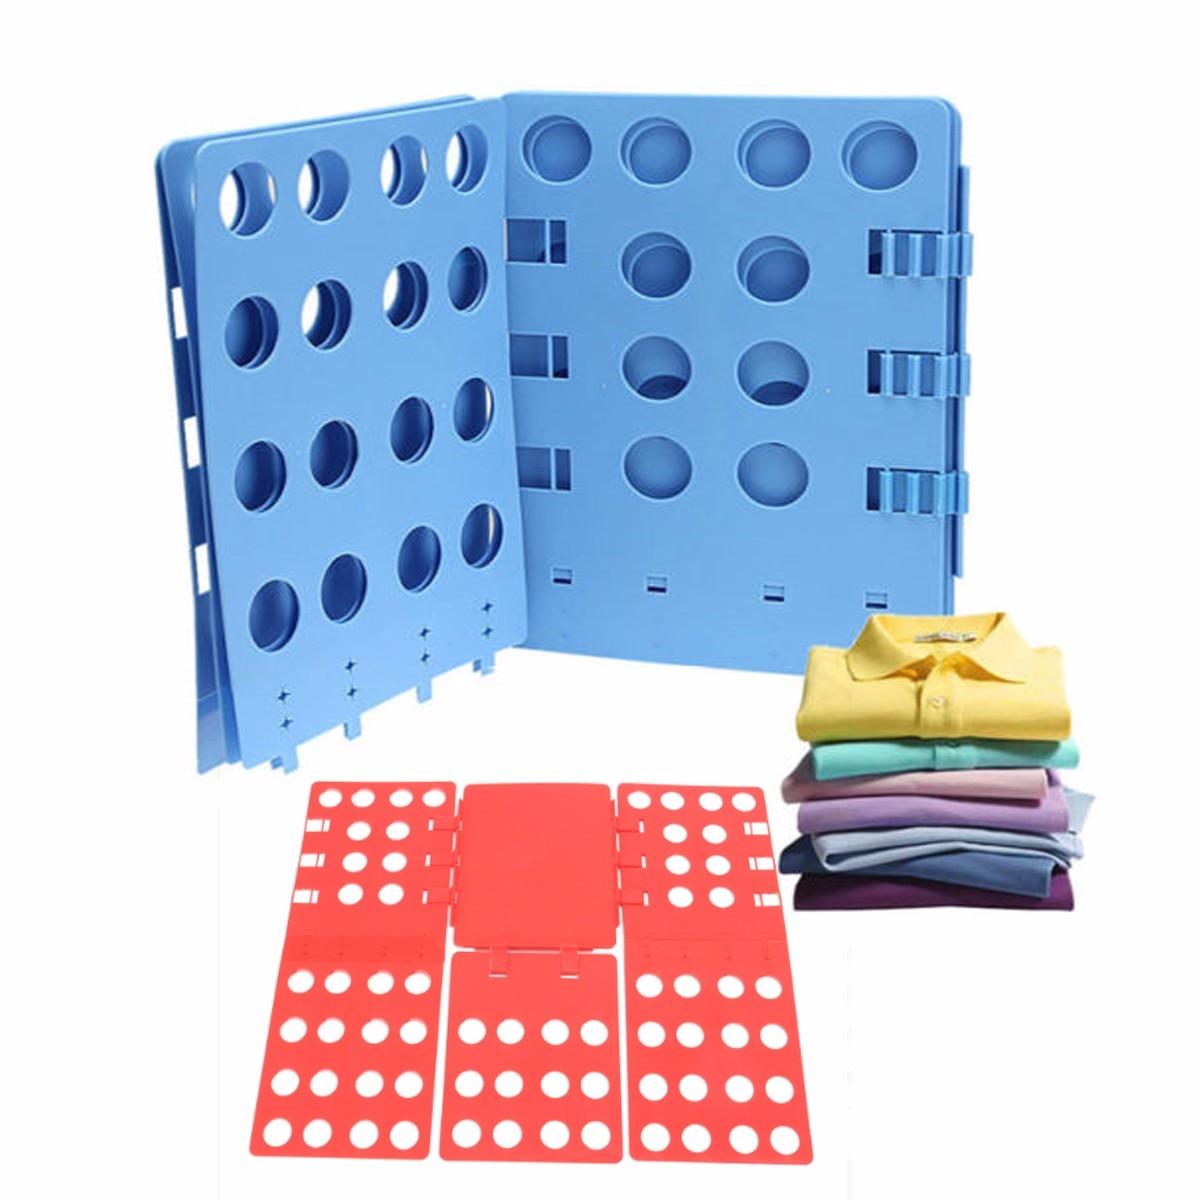 Tamaño adulto ropa Junta plegable ahorrar tiempo multifuncitonal velocidad mágico rápido camiseta ropa fácil Fold organizar 69x56 cm